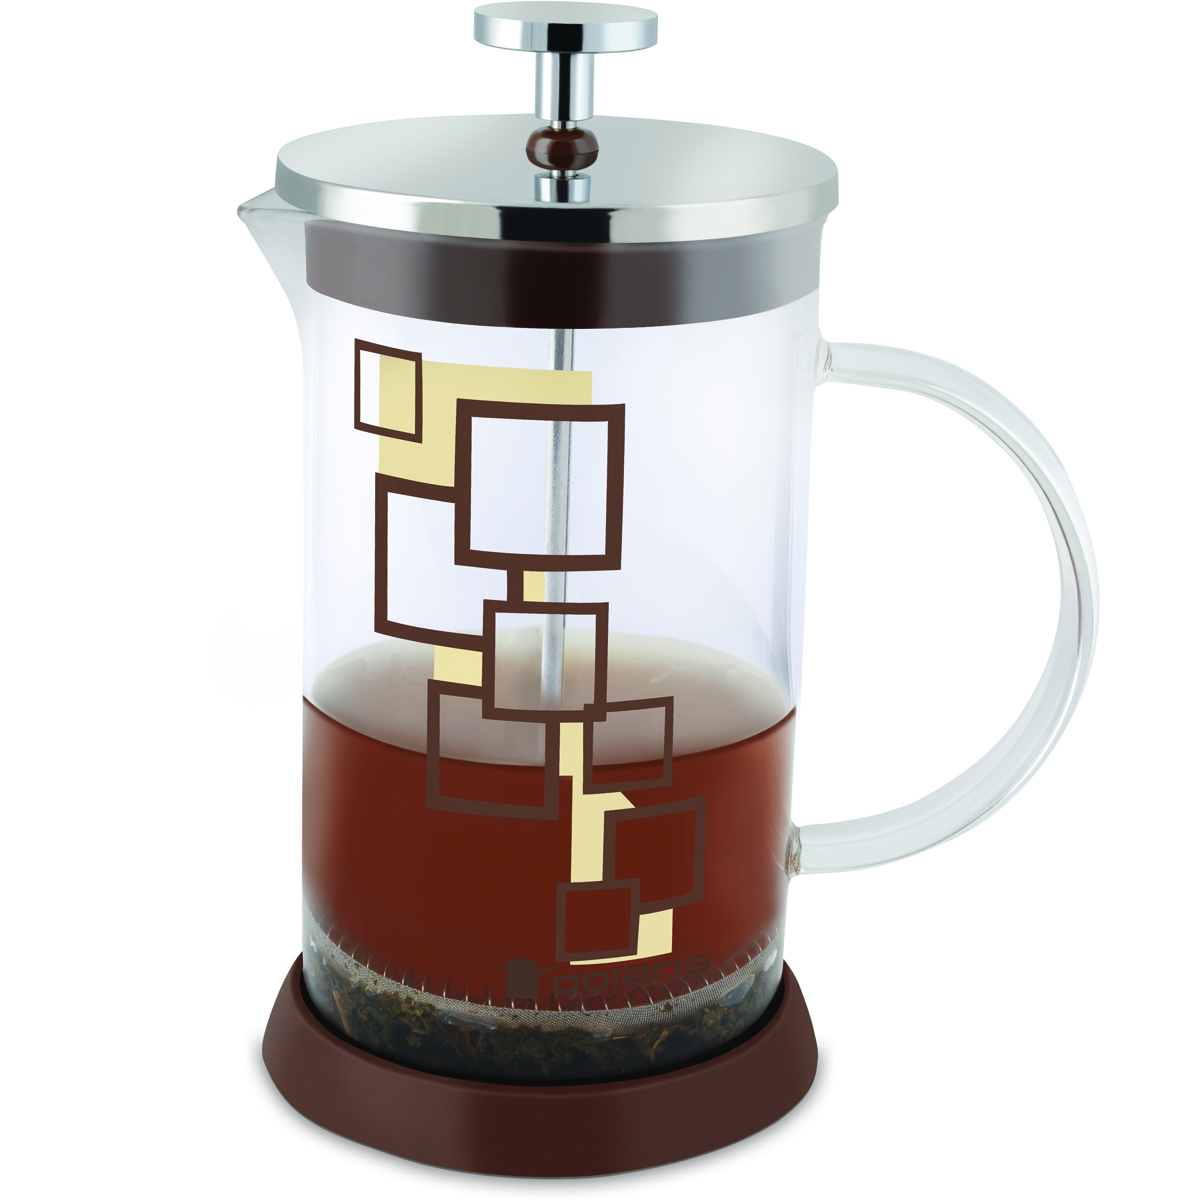 Френч-пресс Polaris Pixel-800FP, 800 млFS-91909Эксклюзивный дизайн. Френч-пресс Polaris Pixel подходит для заваривания кофе и чая.Колба изготовлена из жаропрочного стекла. Эргономичный поршень с фильтром выполнен из нержавеющей стали 18/10. Подставка из высококачественного силикона для удобства использования.